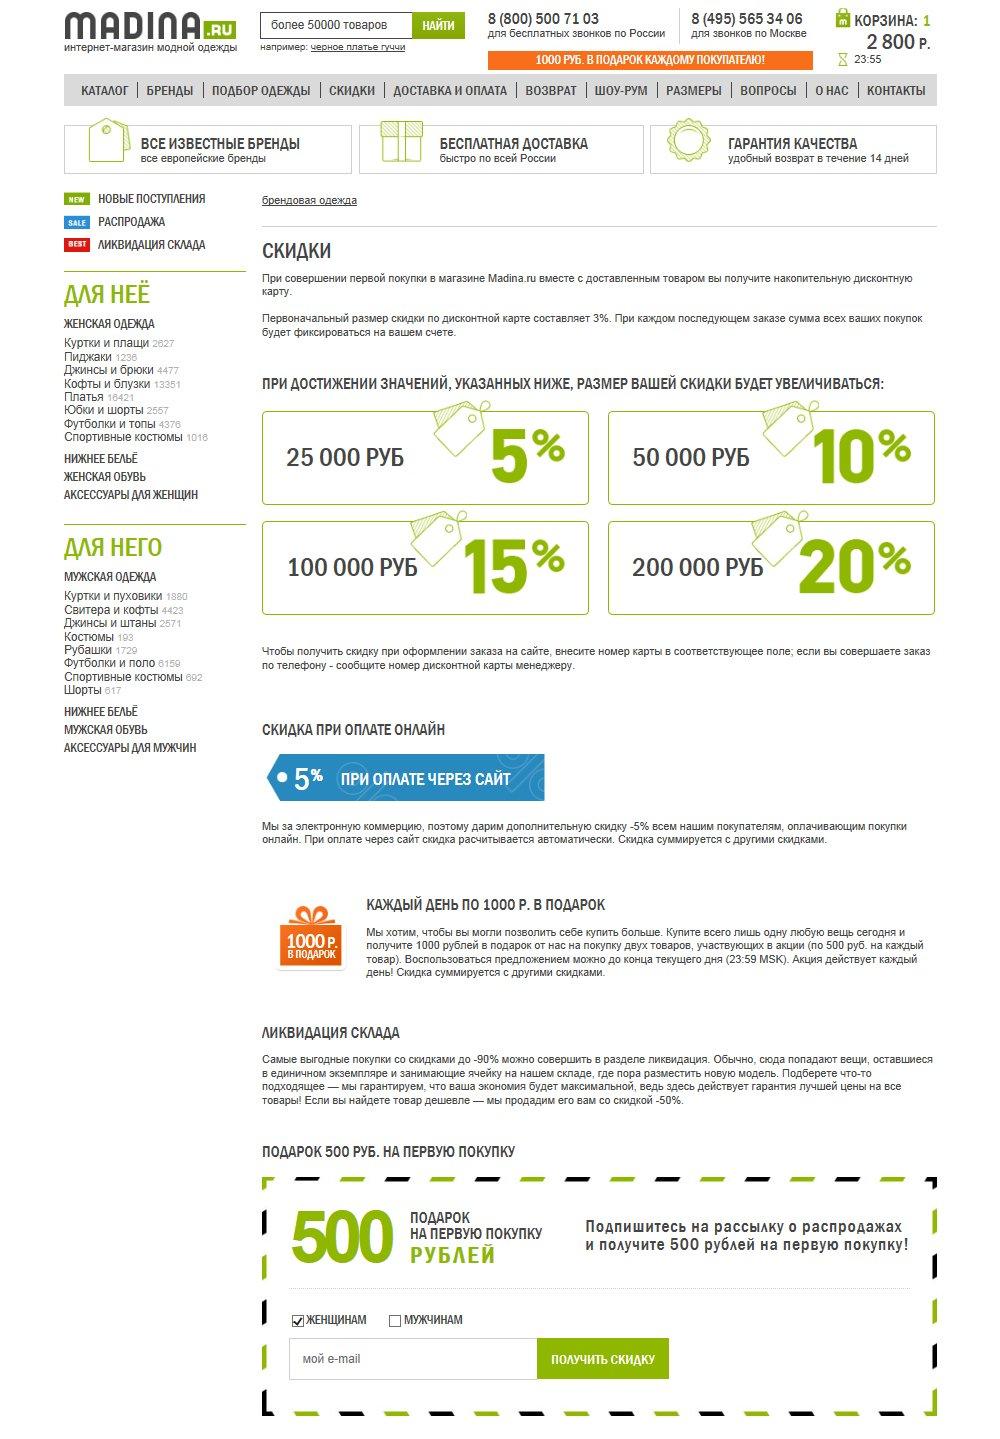 Пример текстовой страницы на сайте интернет-магазина модной одежды Madina.ru